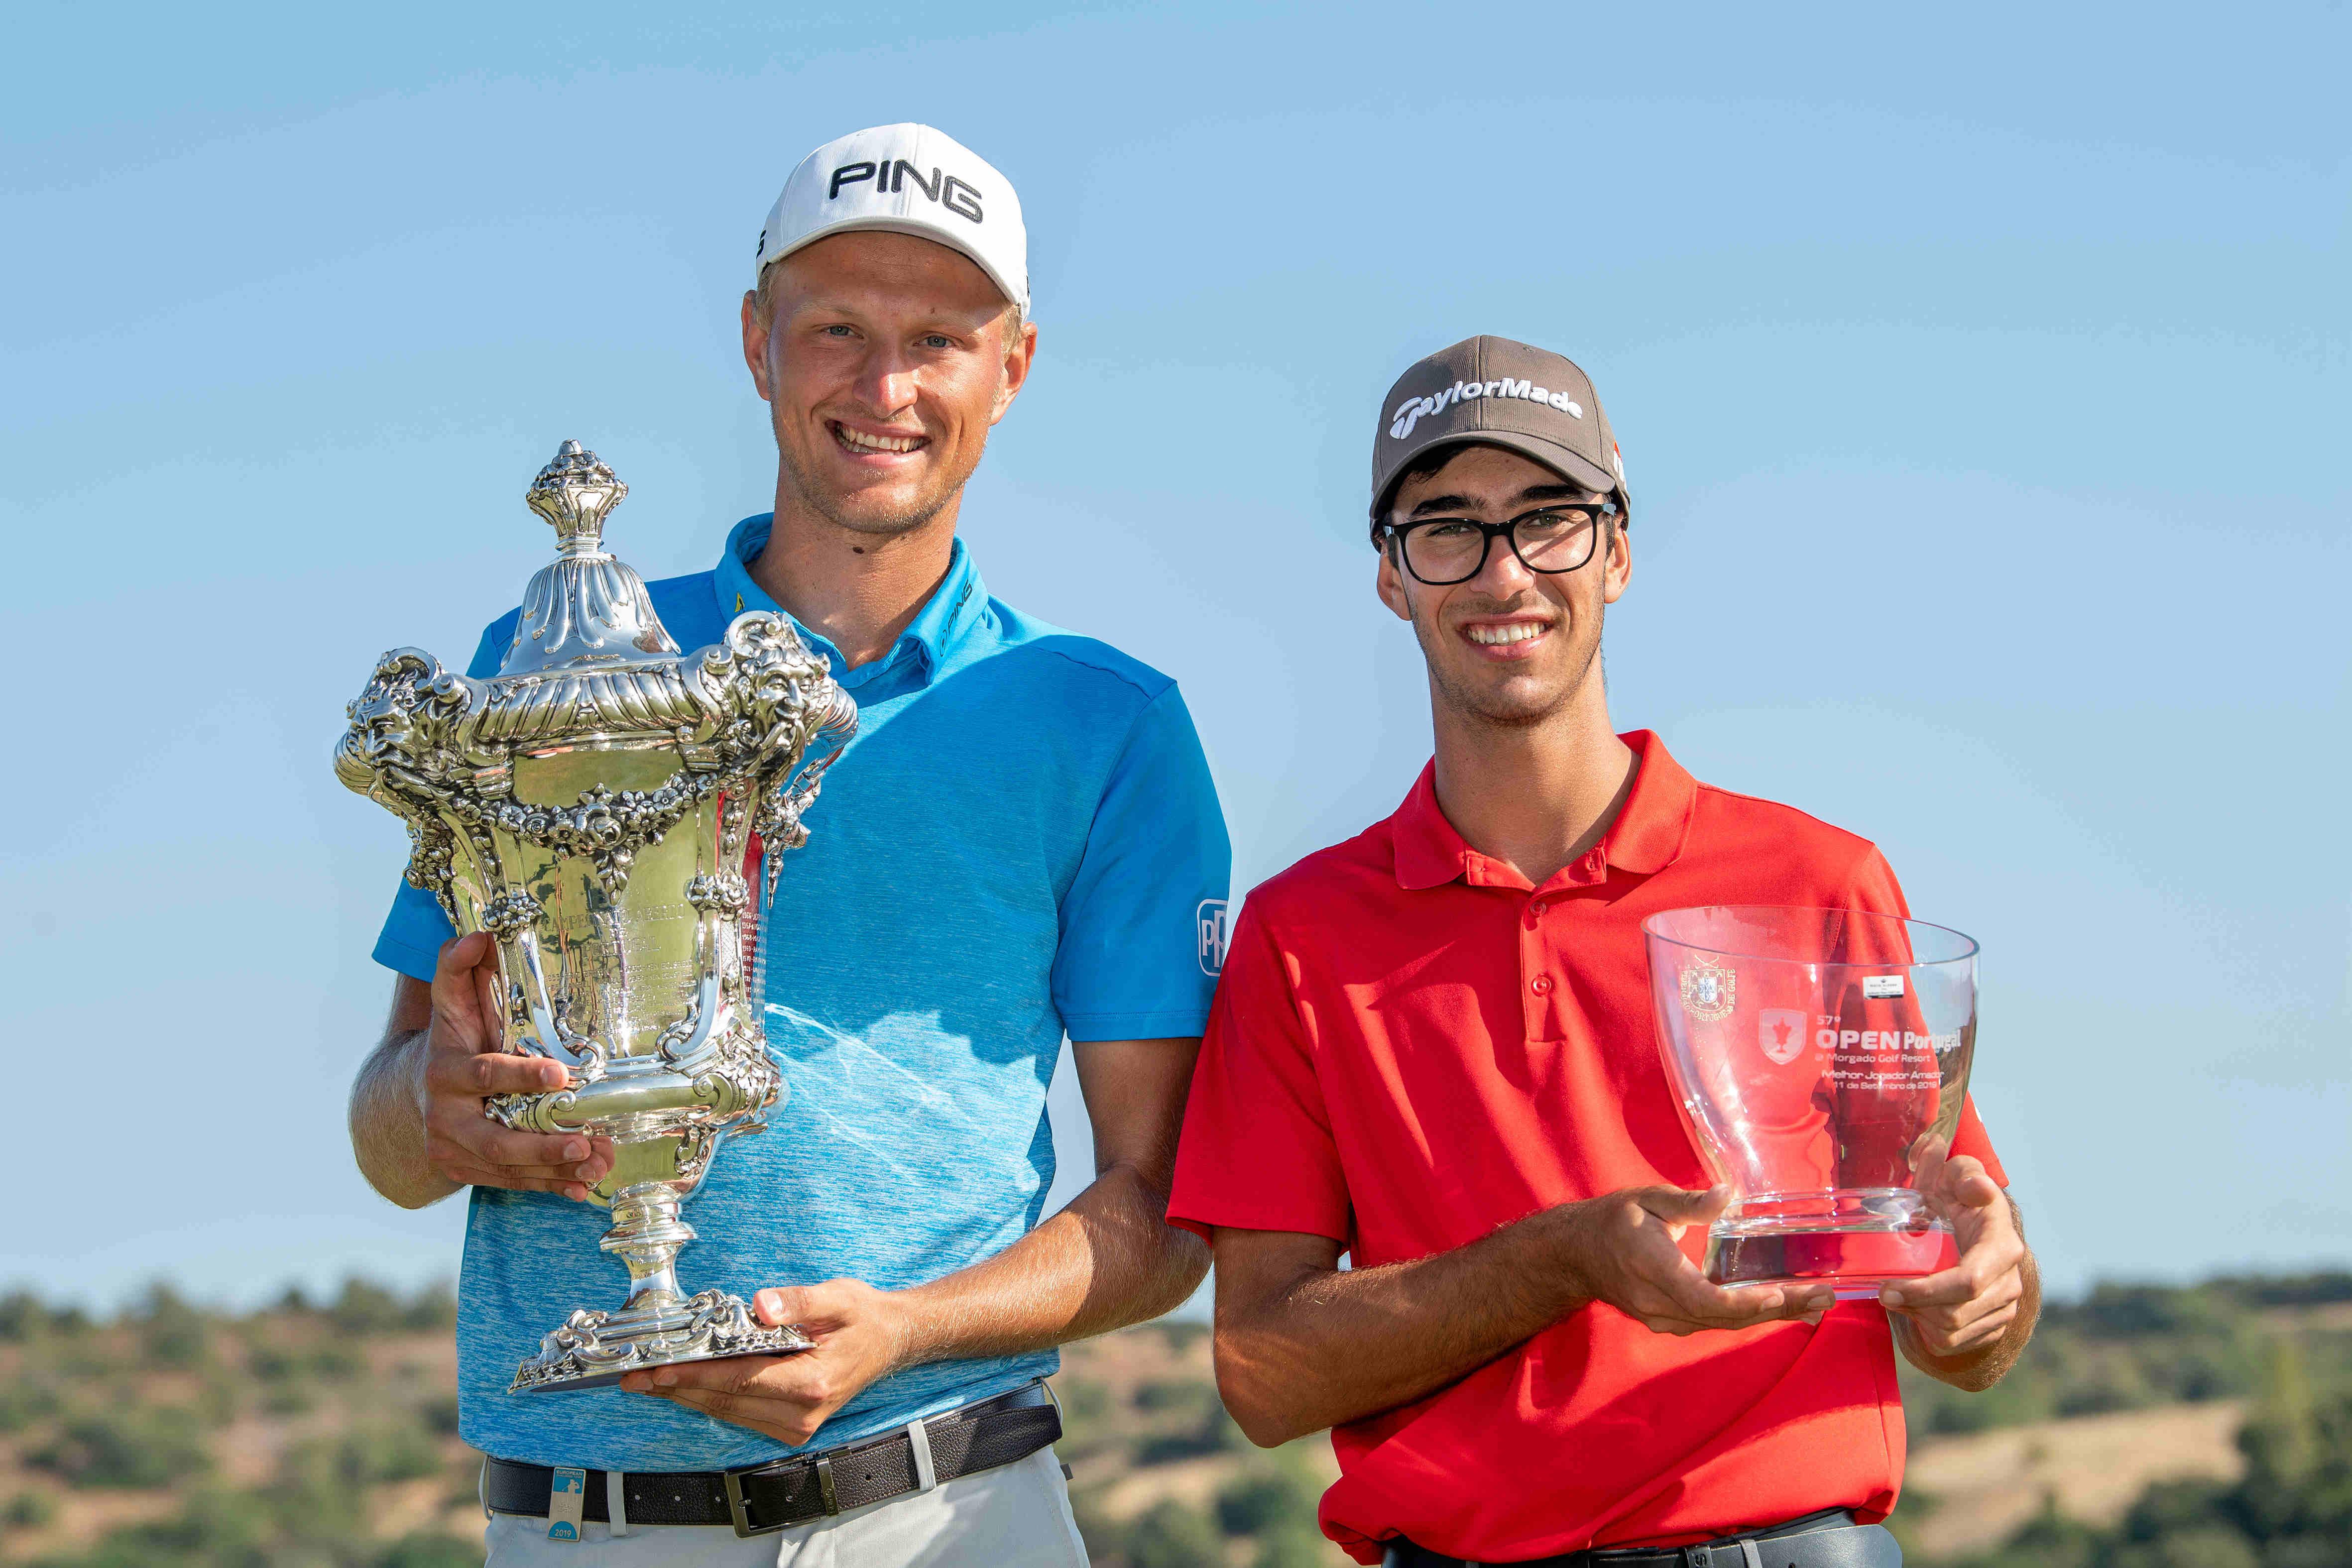 57.º Open de Portugal @ Morgado Golf Resort – FILIPE LIMA EM 14.º NO TORNEIO E NO RANKING ADRIAN MERONK CAMPEÃO